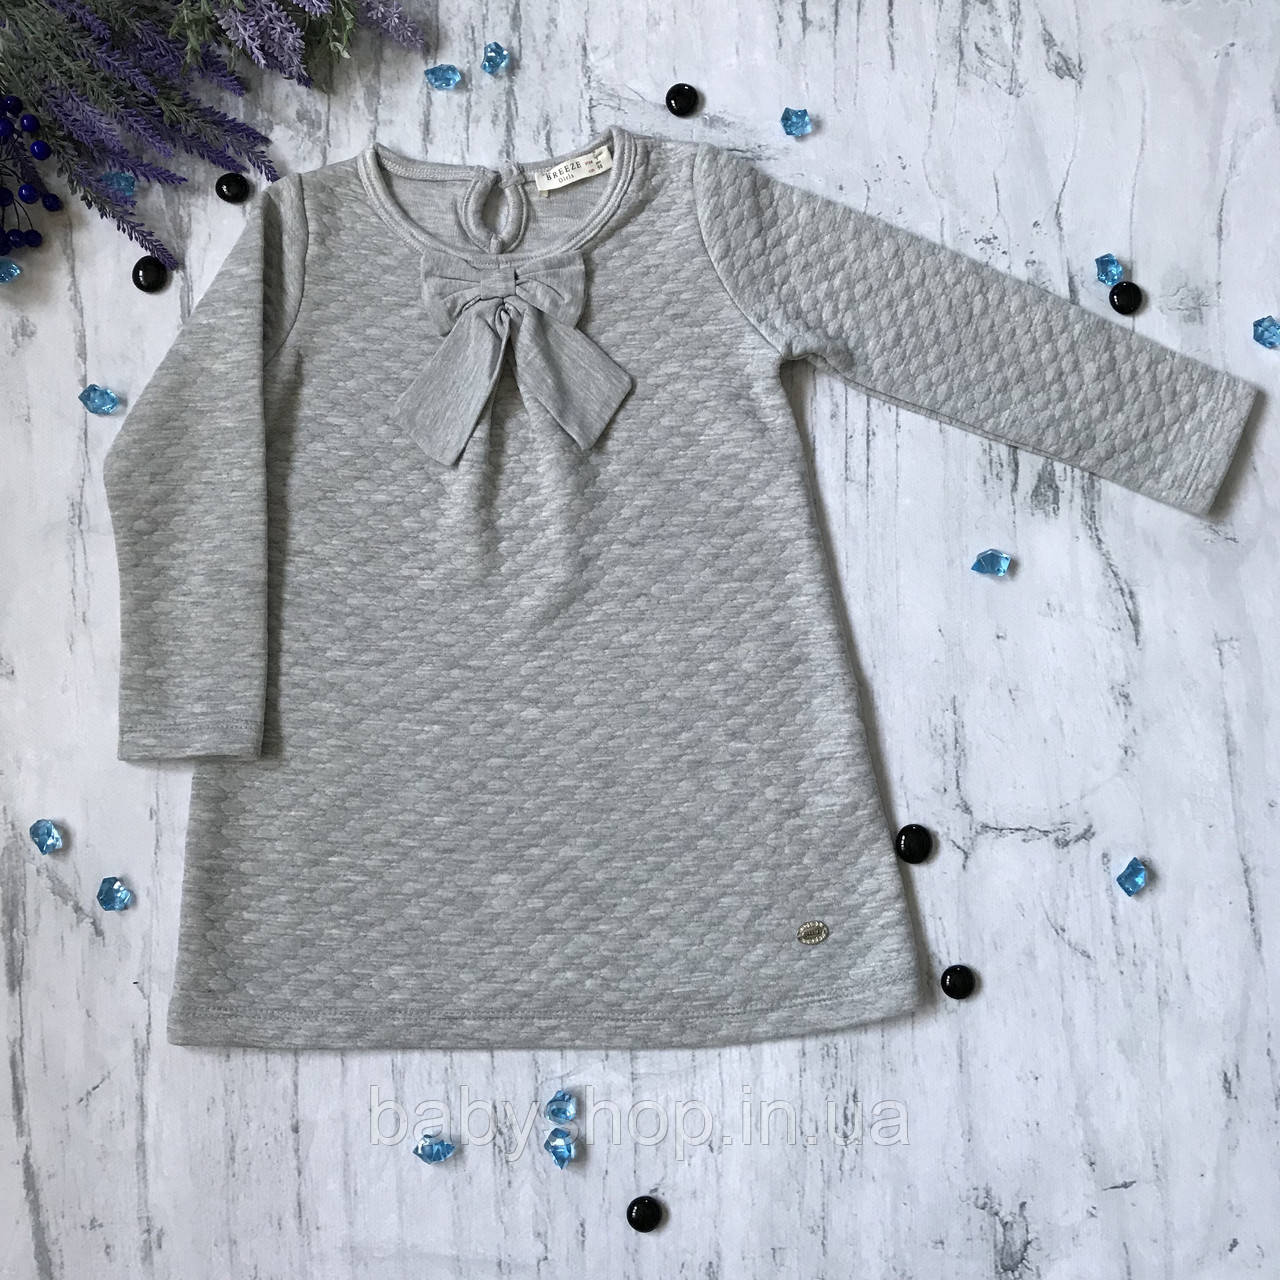 Платье на девочку Breeze 1г. Размер 104 см, 110 см, 116 см